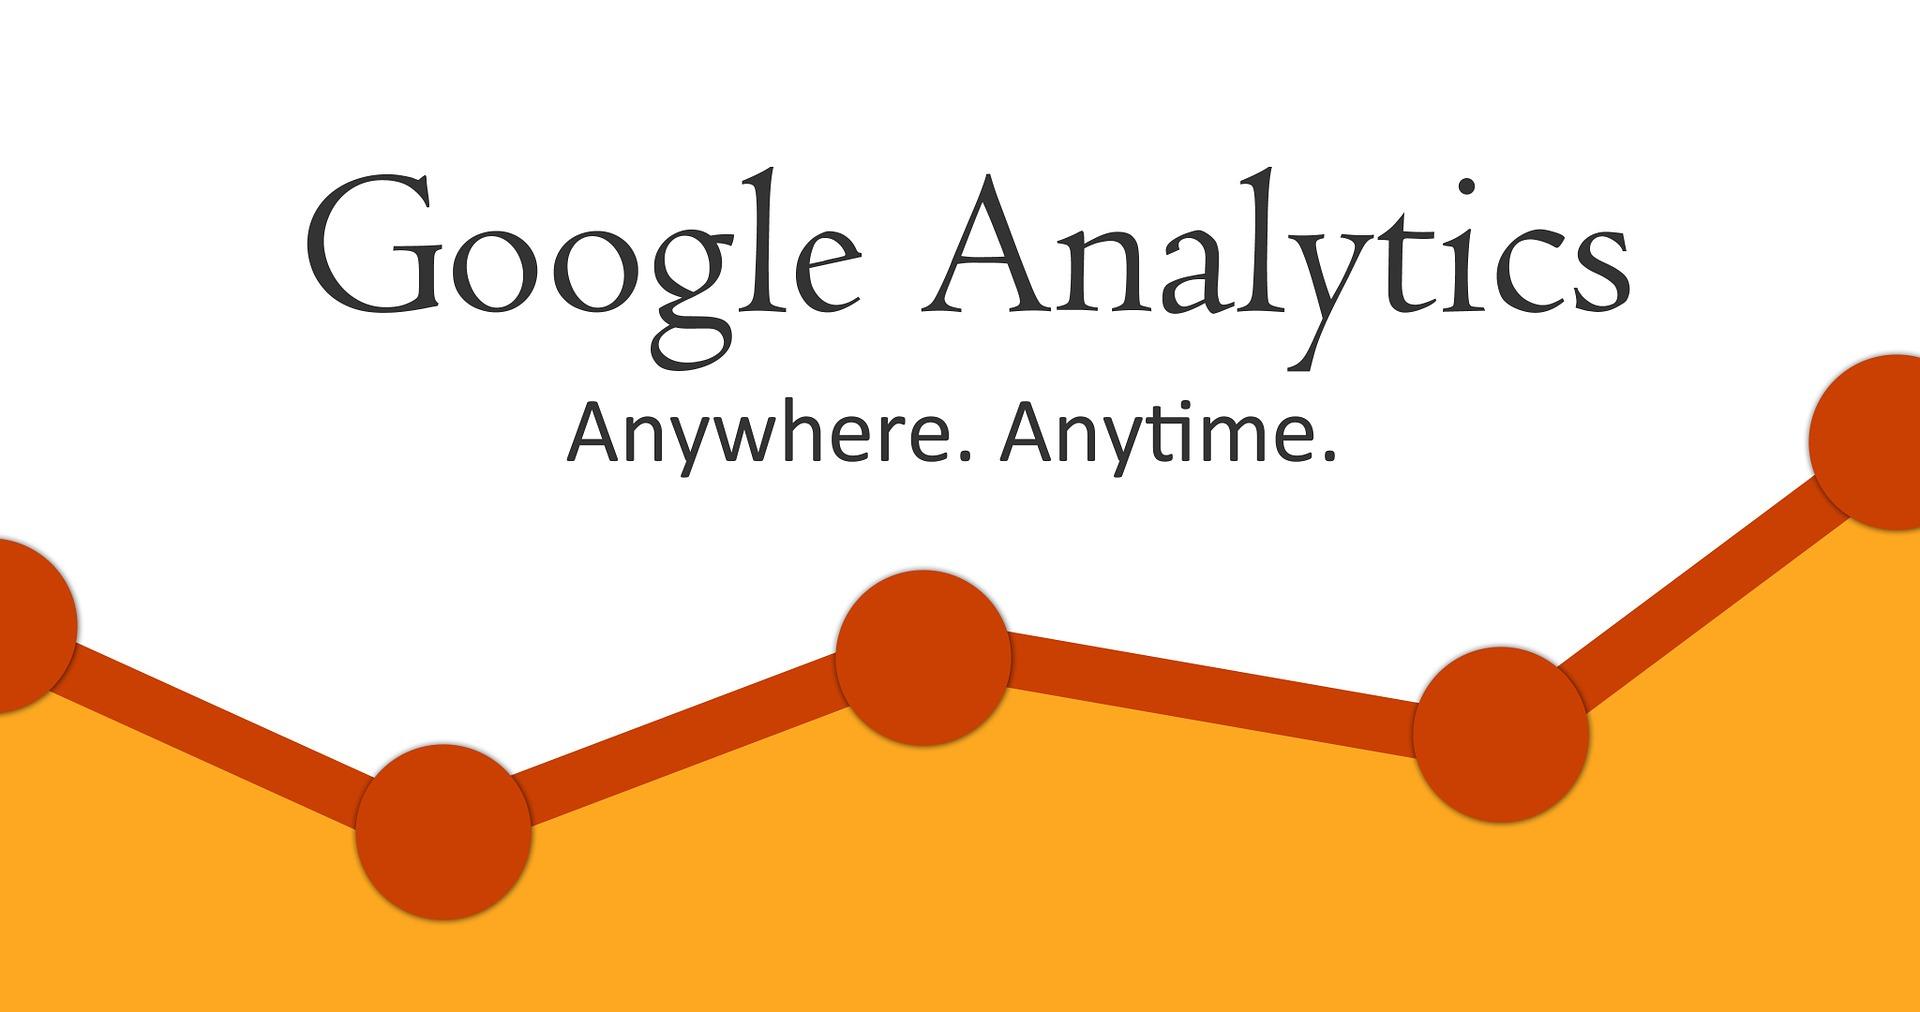 5ステップでWordPressにGoogleアナリティクスを導入する方法